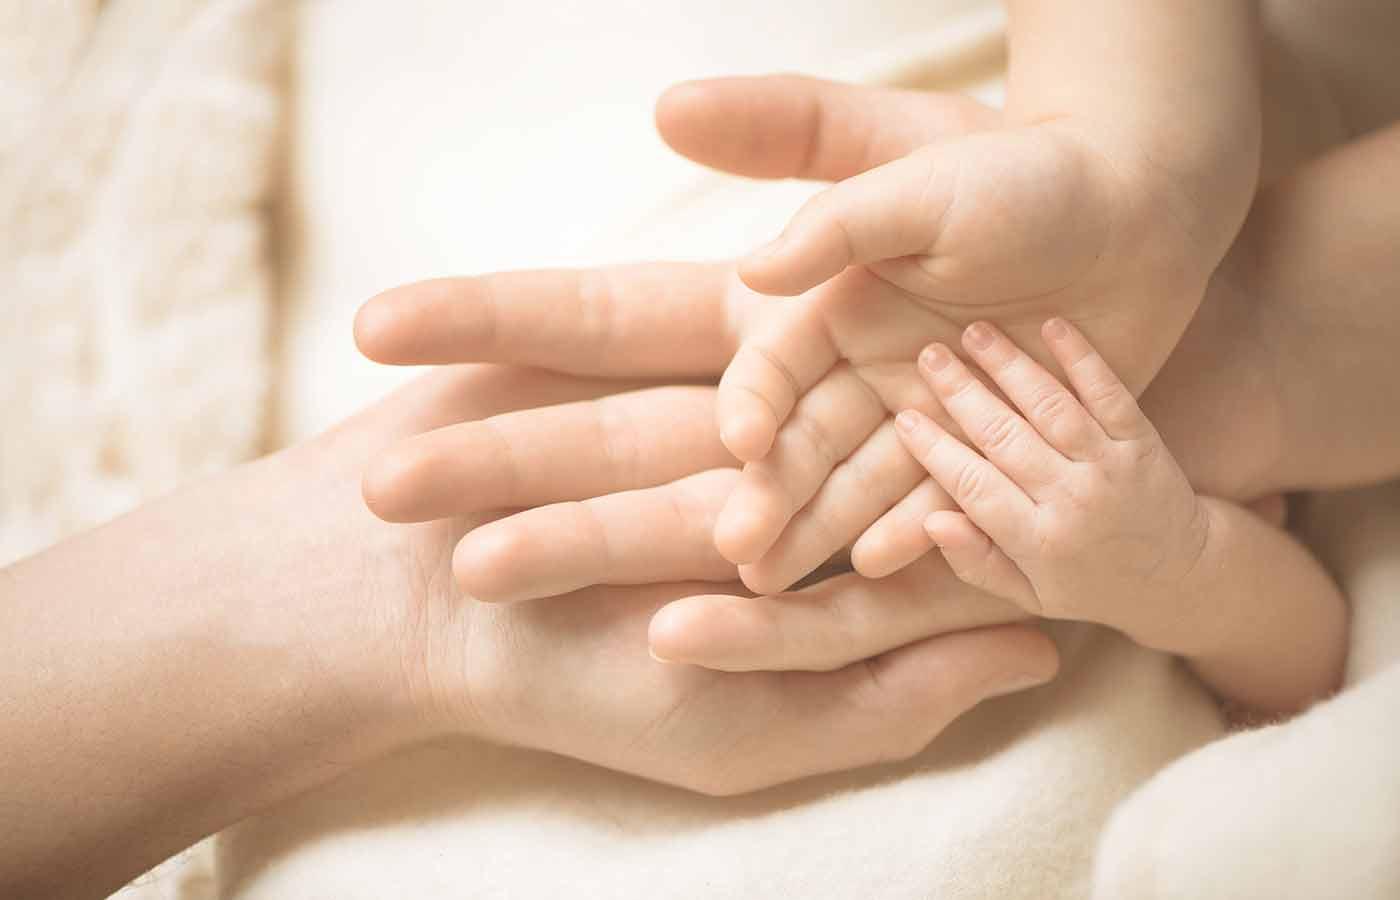 Señas y gestos con las manos para comunicarte con tu bebé